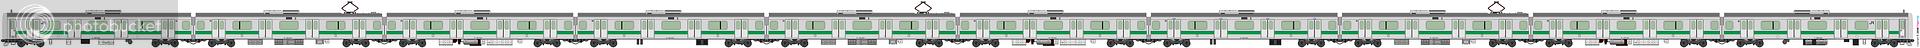 [5545] East Japan Railway 1945